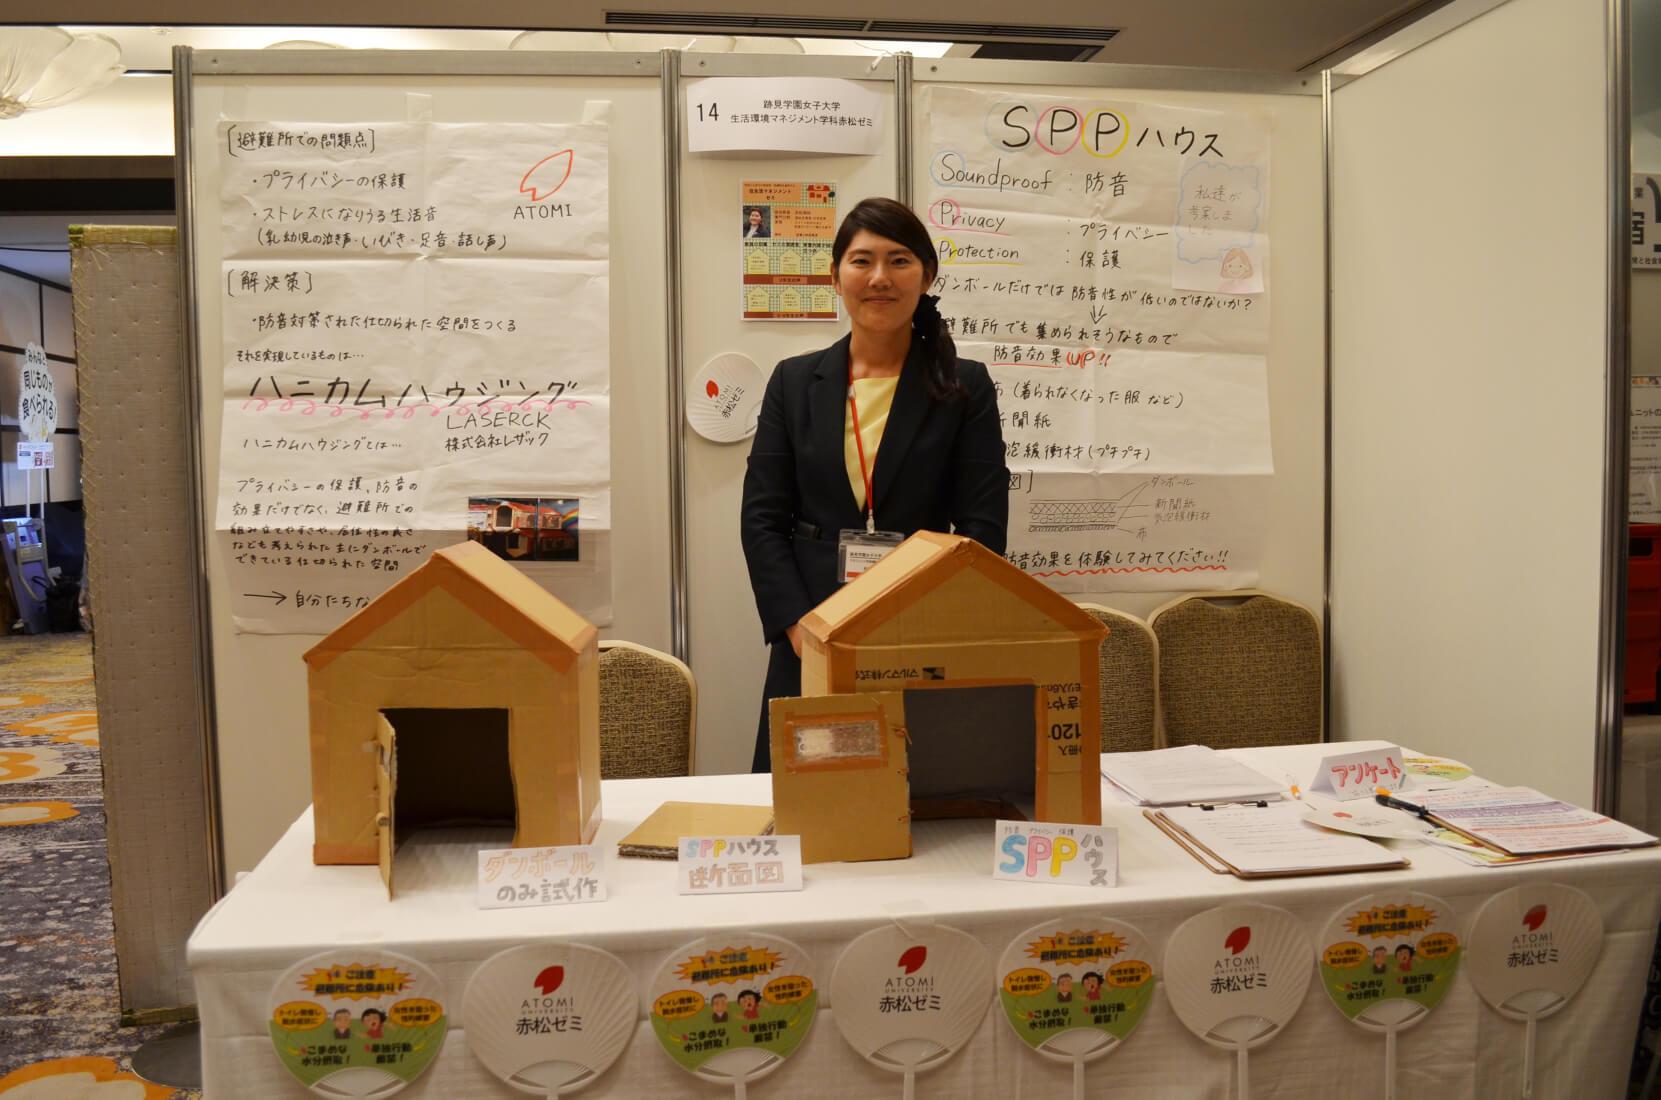 跡見学園女子大学生活環境マネジメント学科赤松ゼミバーチャルEXPO2018キャッチコピー画像